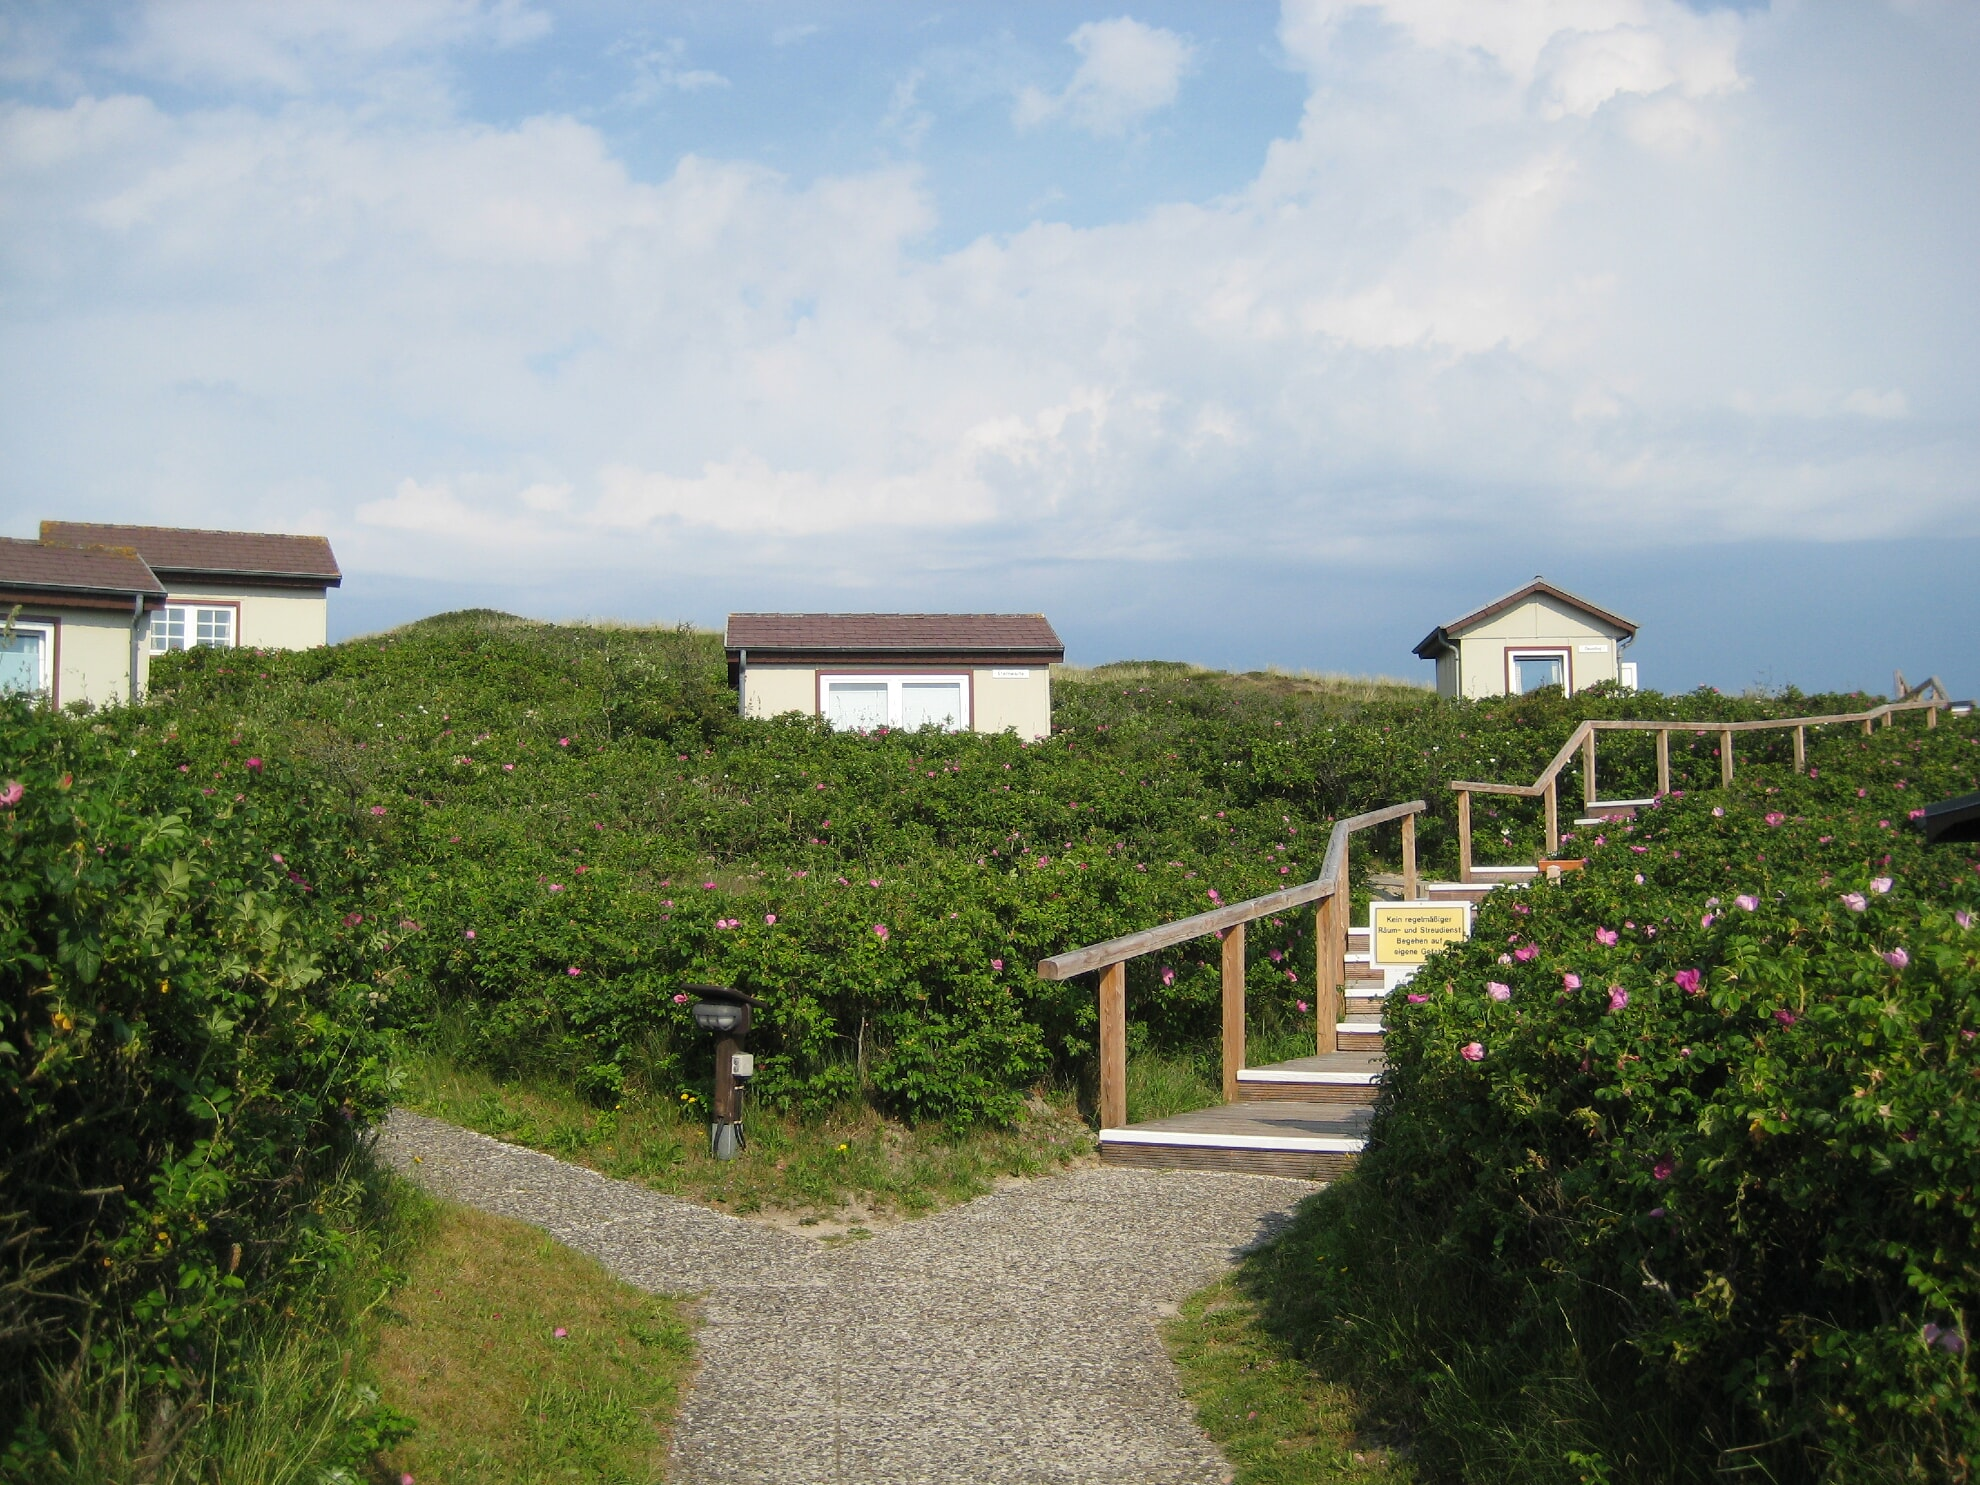 Die kleinen Wohnhäuser der Akademie am Meer